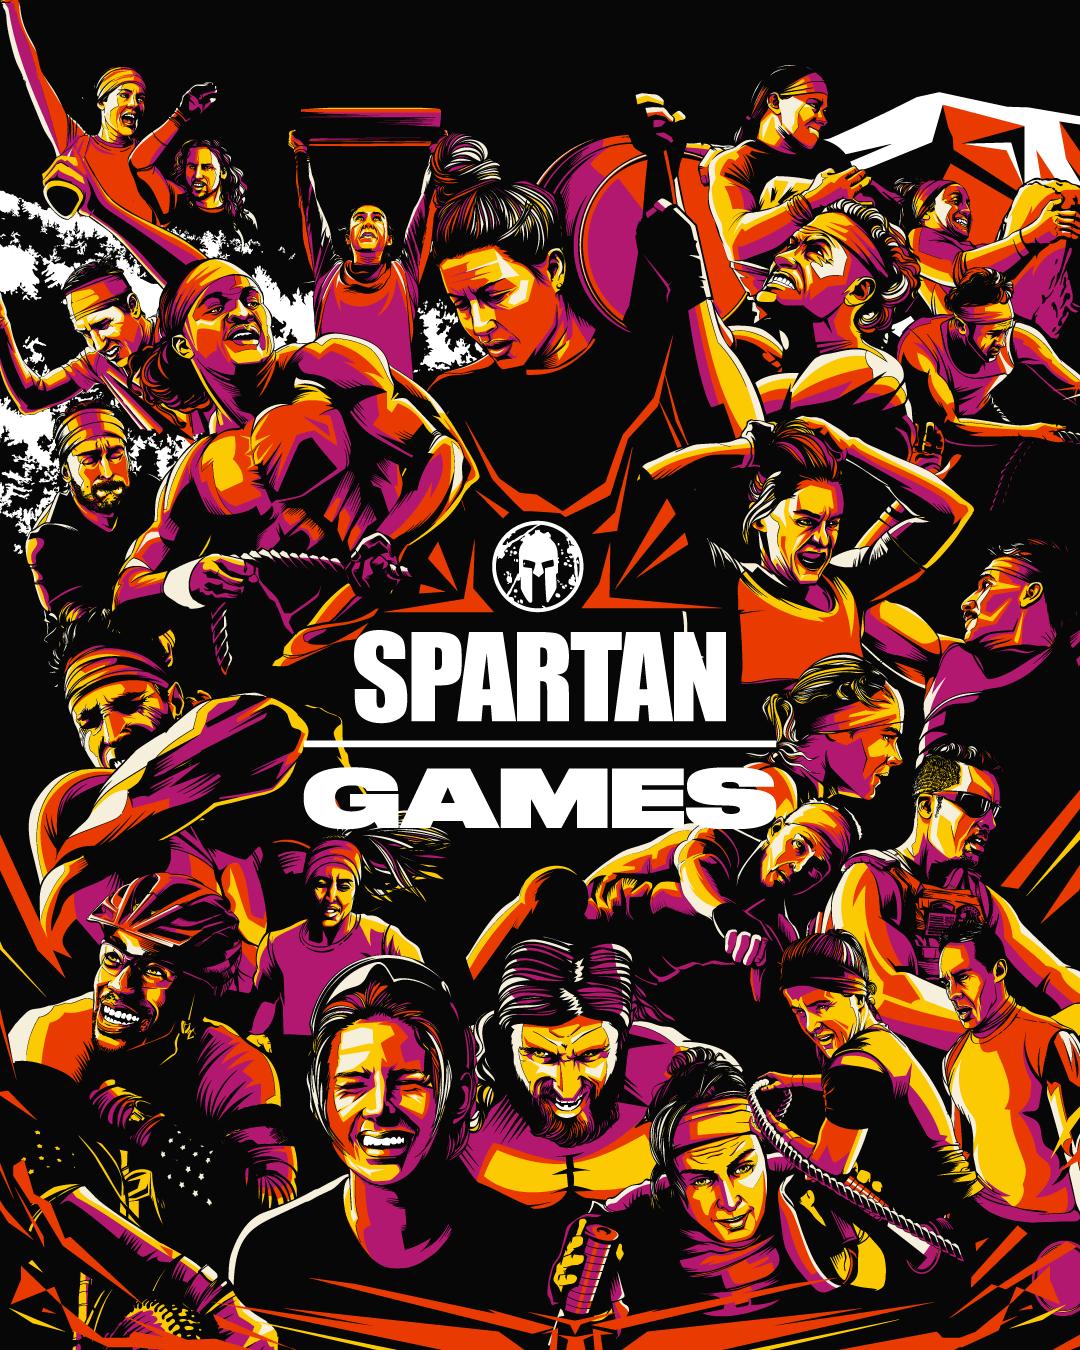 SpartanGames Spartan